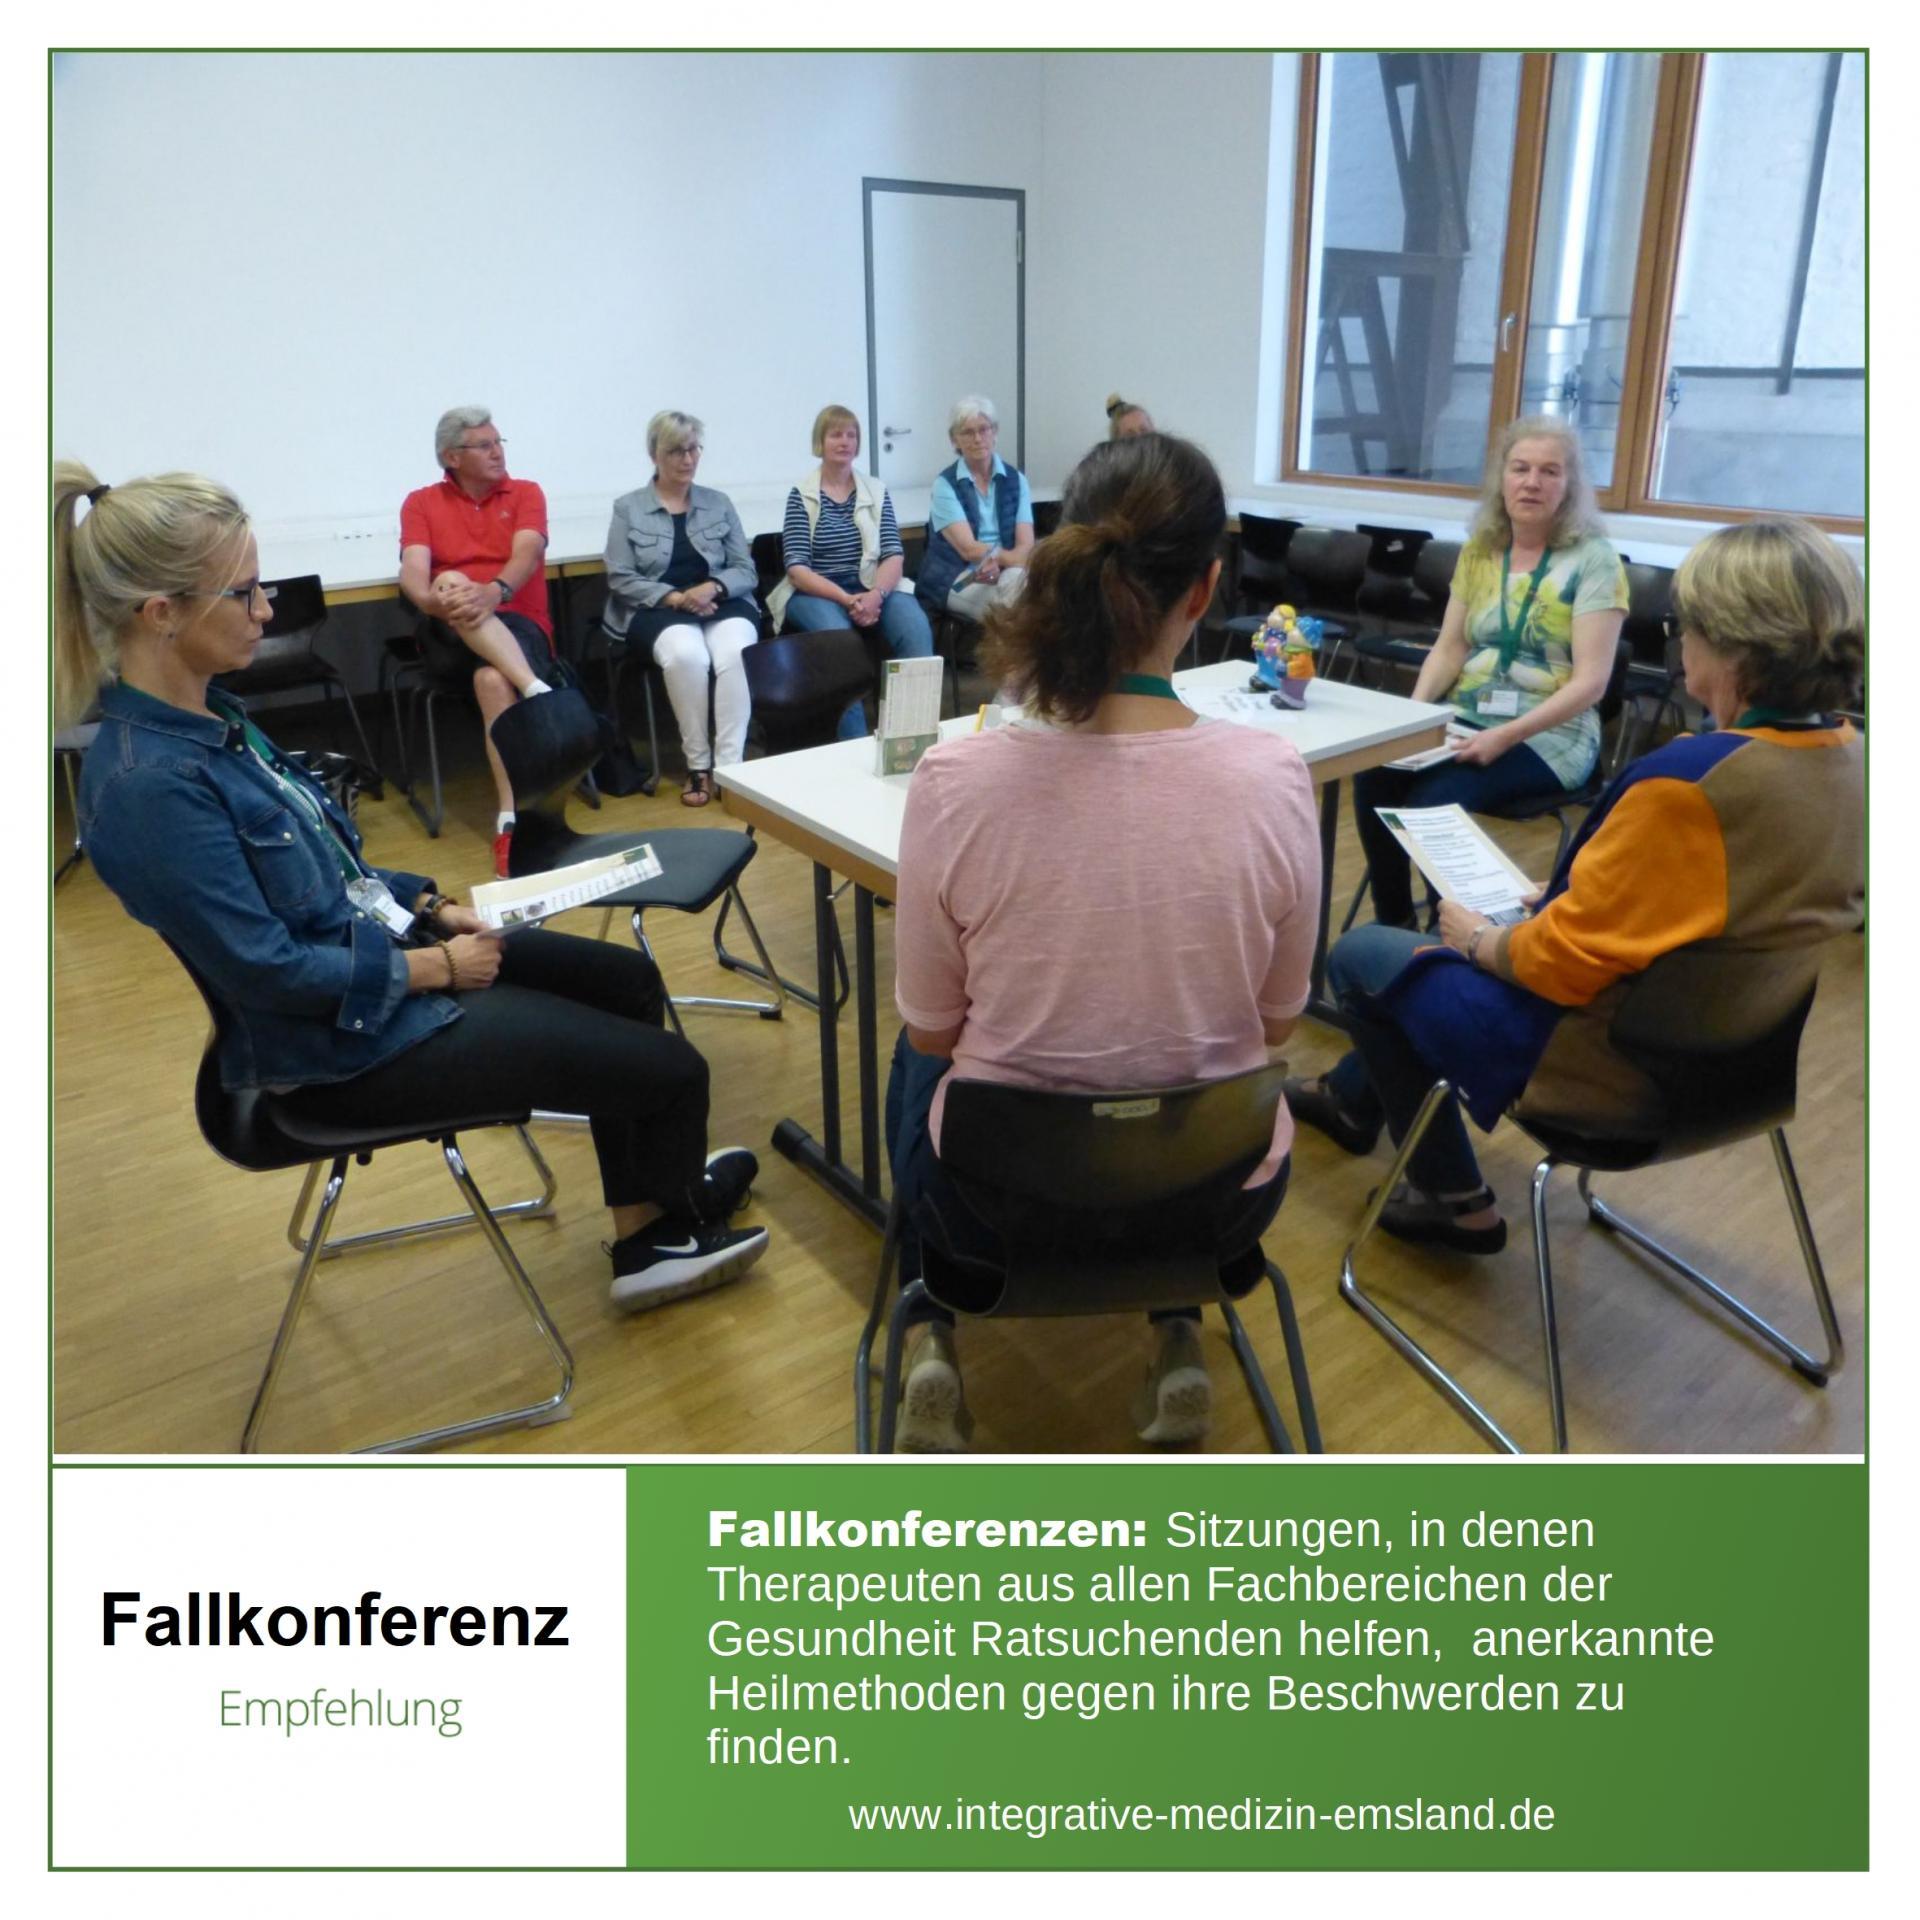 Fallkonferenz